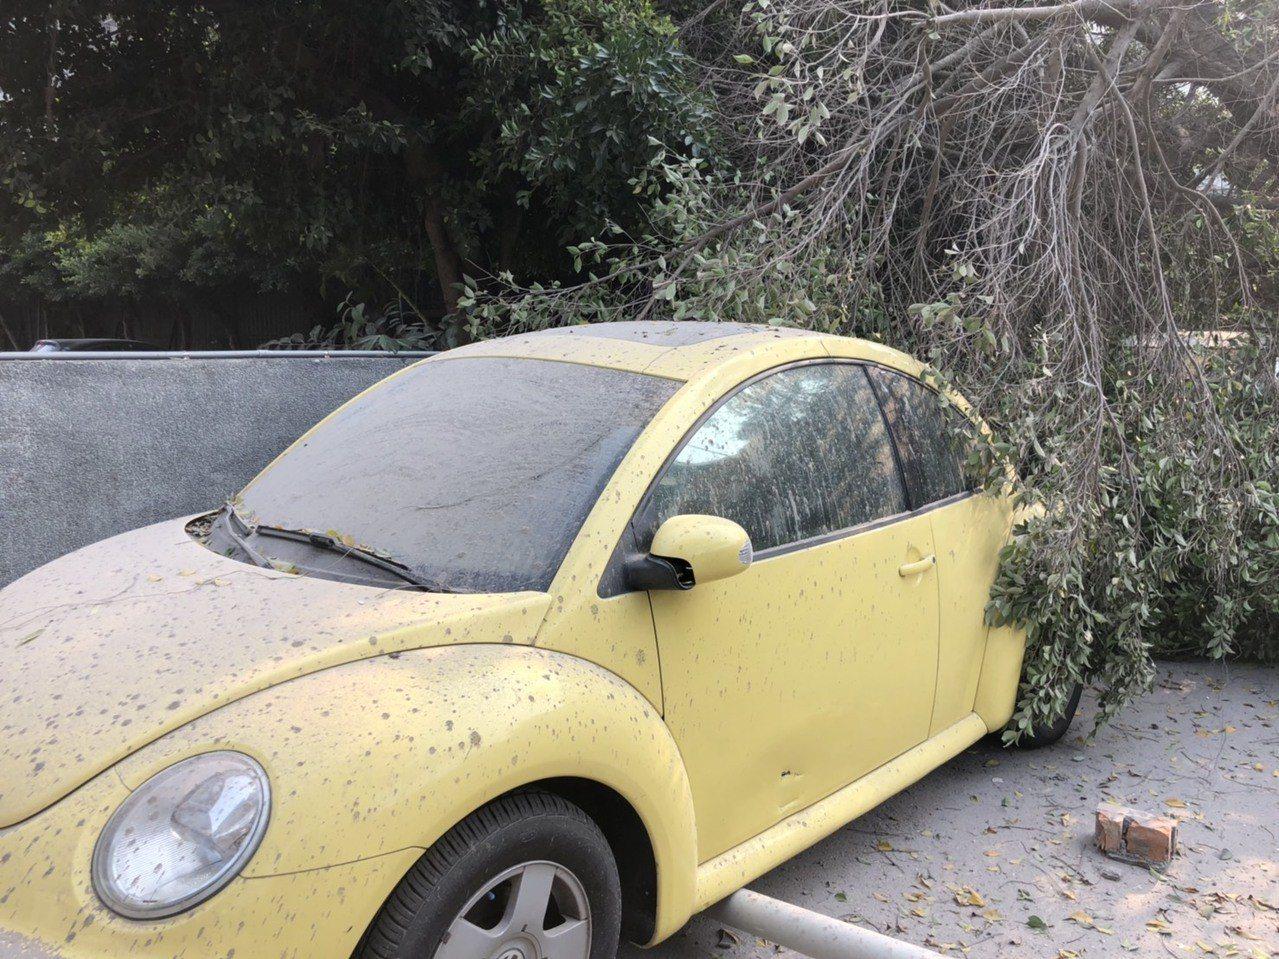 高雄市舊七賢國中校舍、路樹倒塌波及路邊停車。記者謝梅芬/翻攝